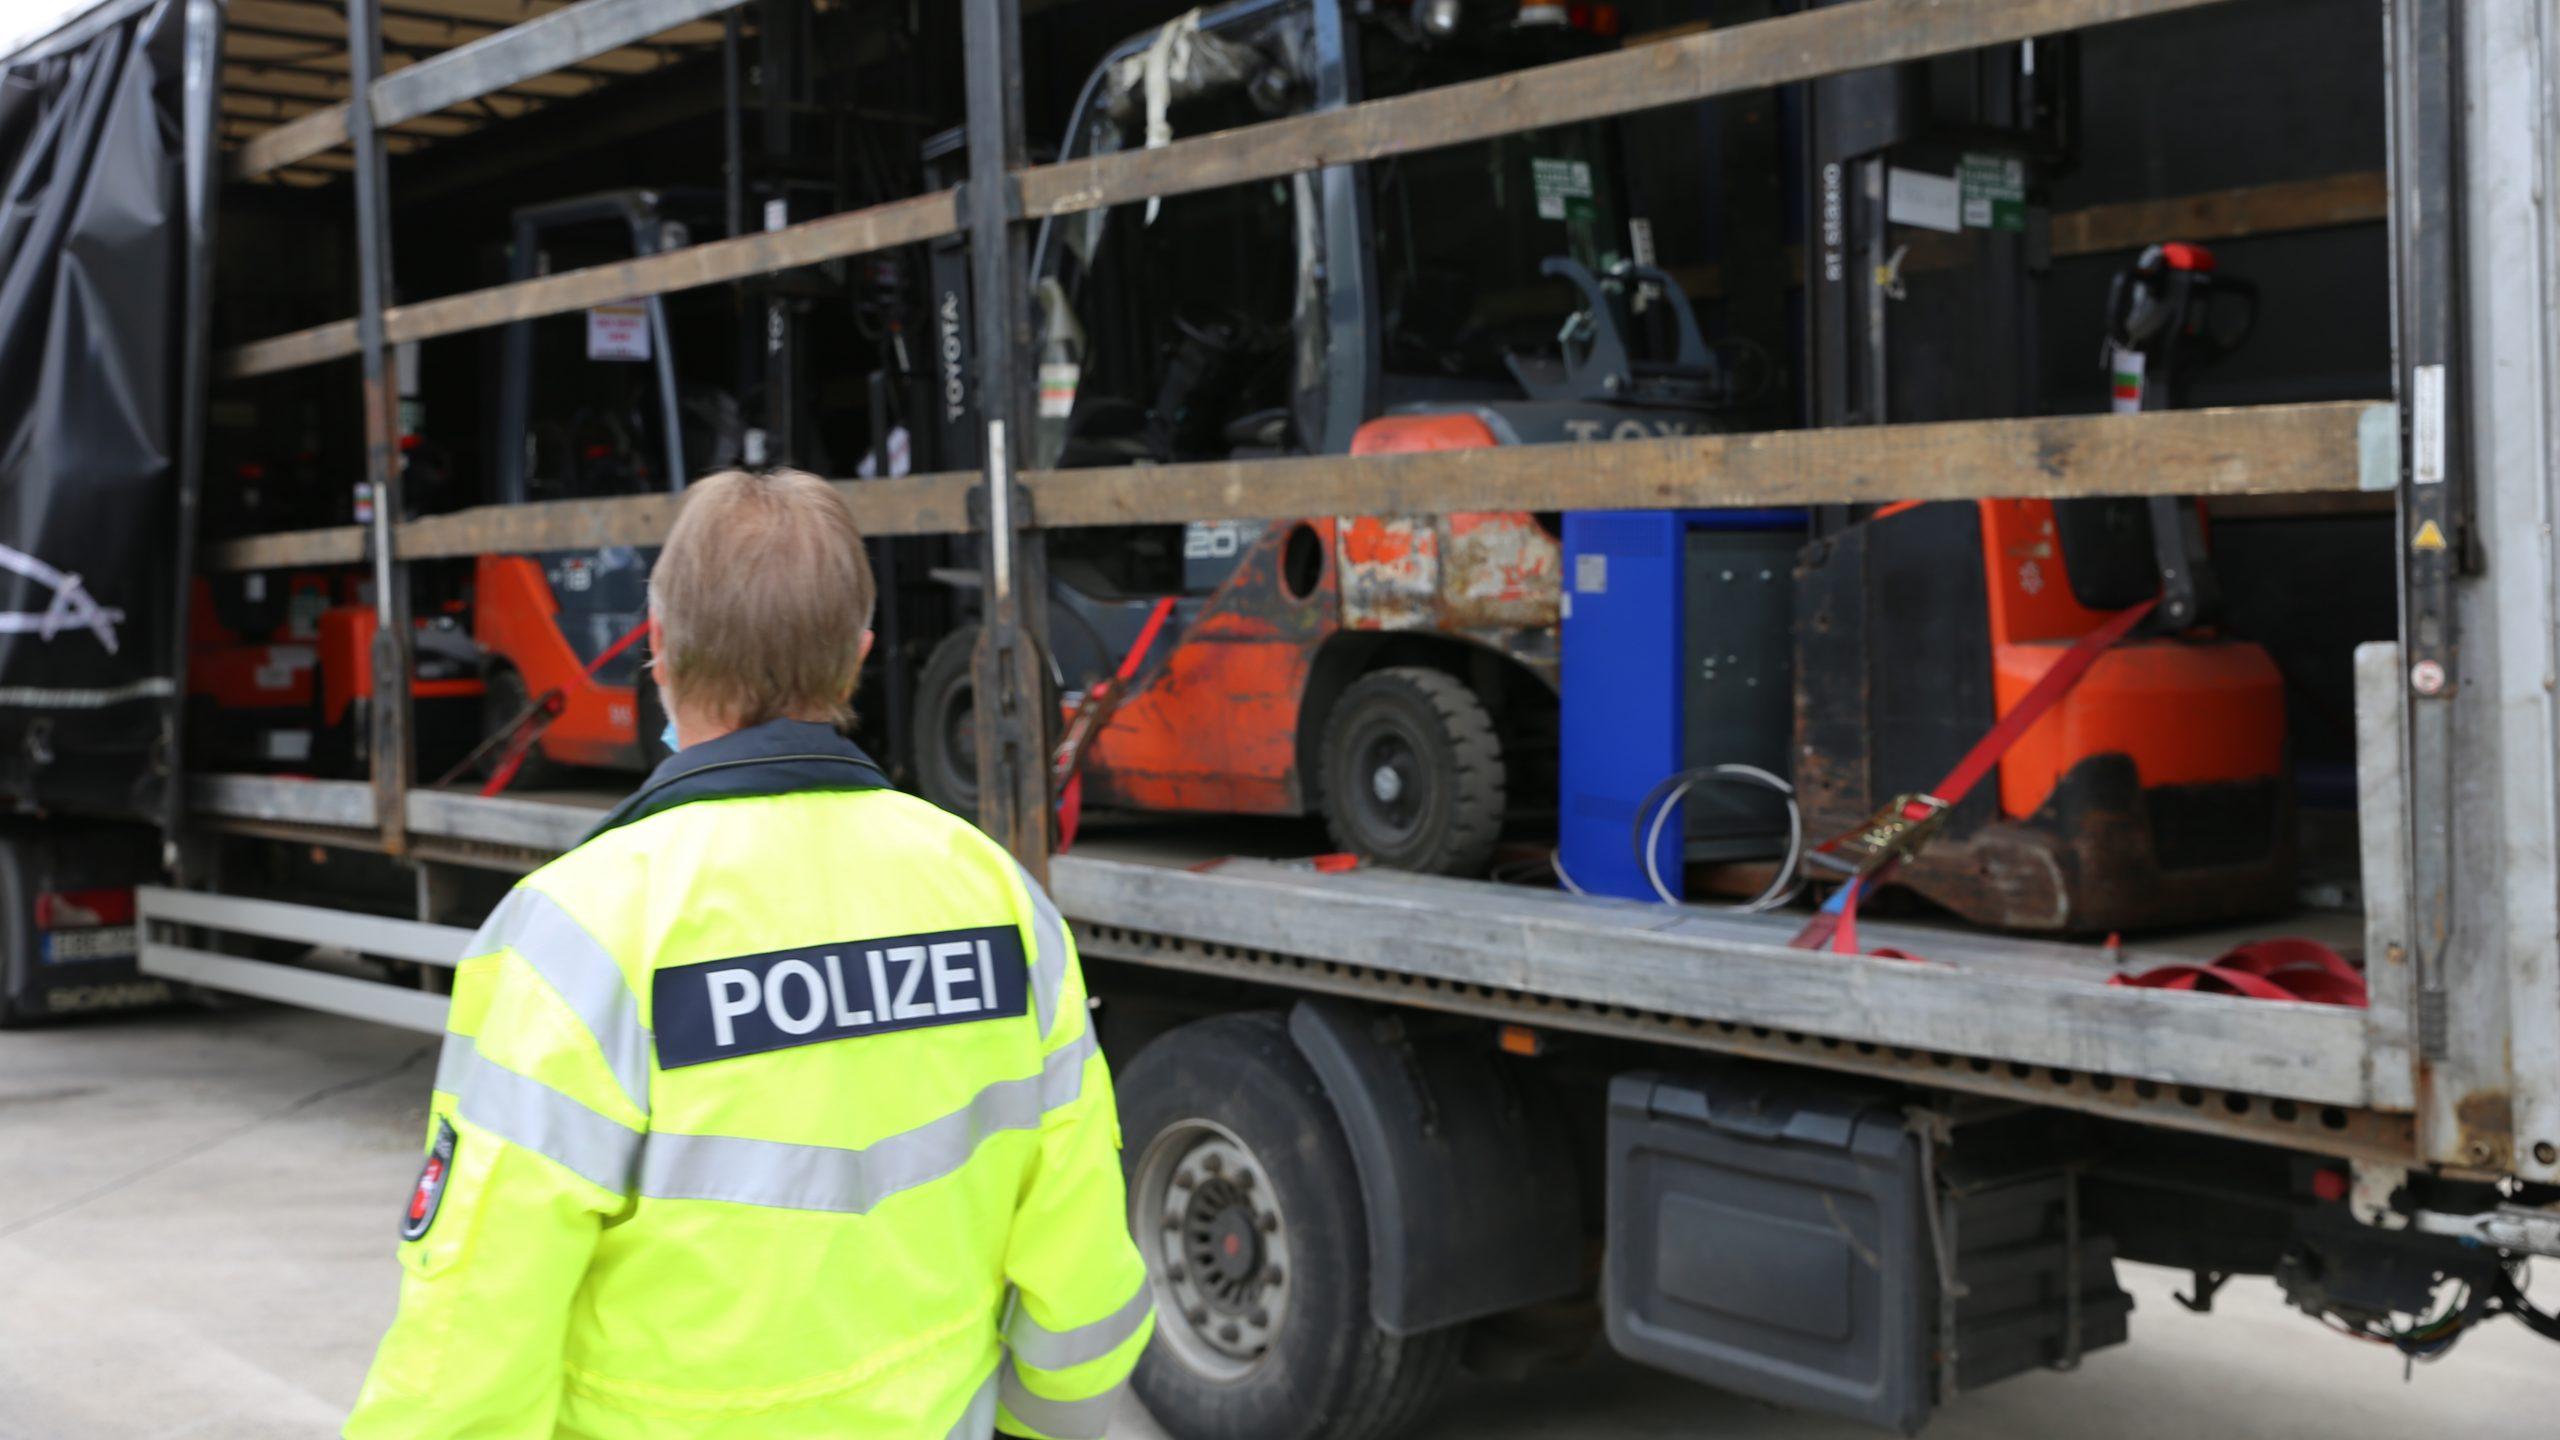 Acțiune de control a camioanelor efectuată de poliția din Osnabrück